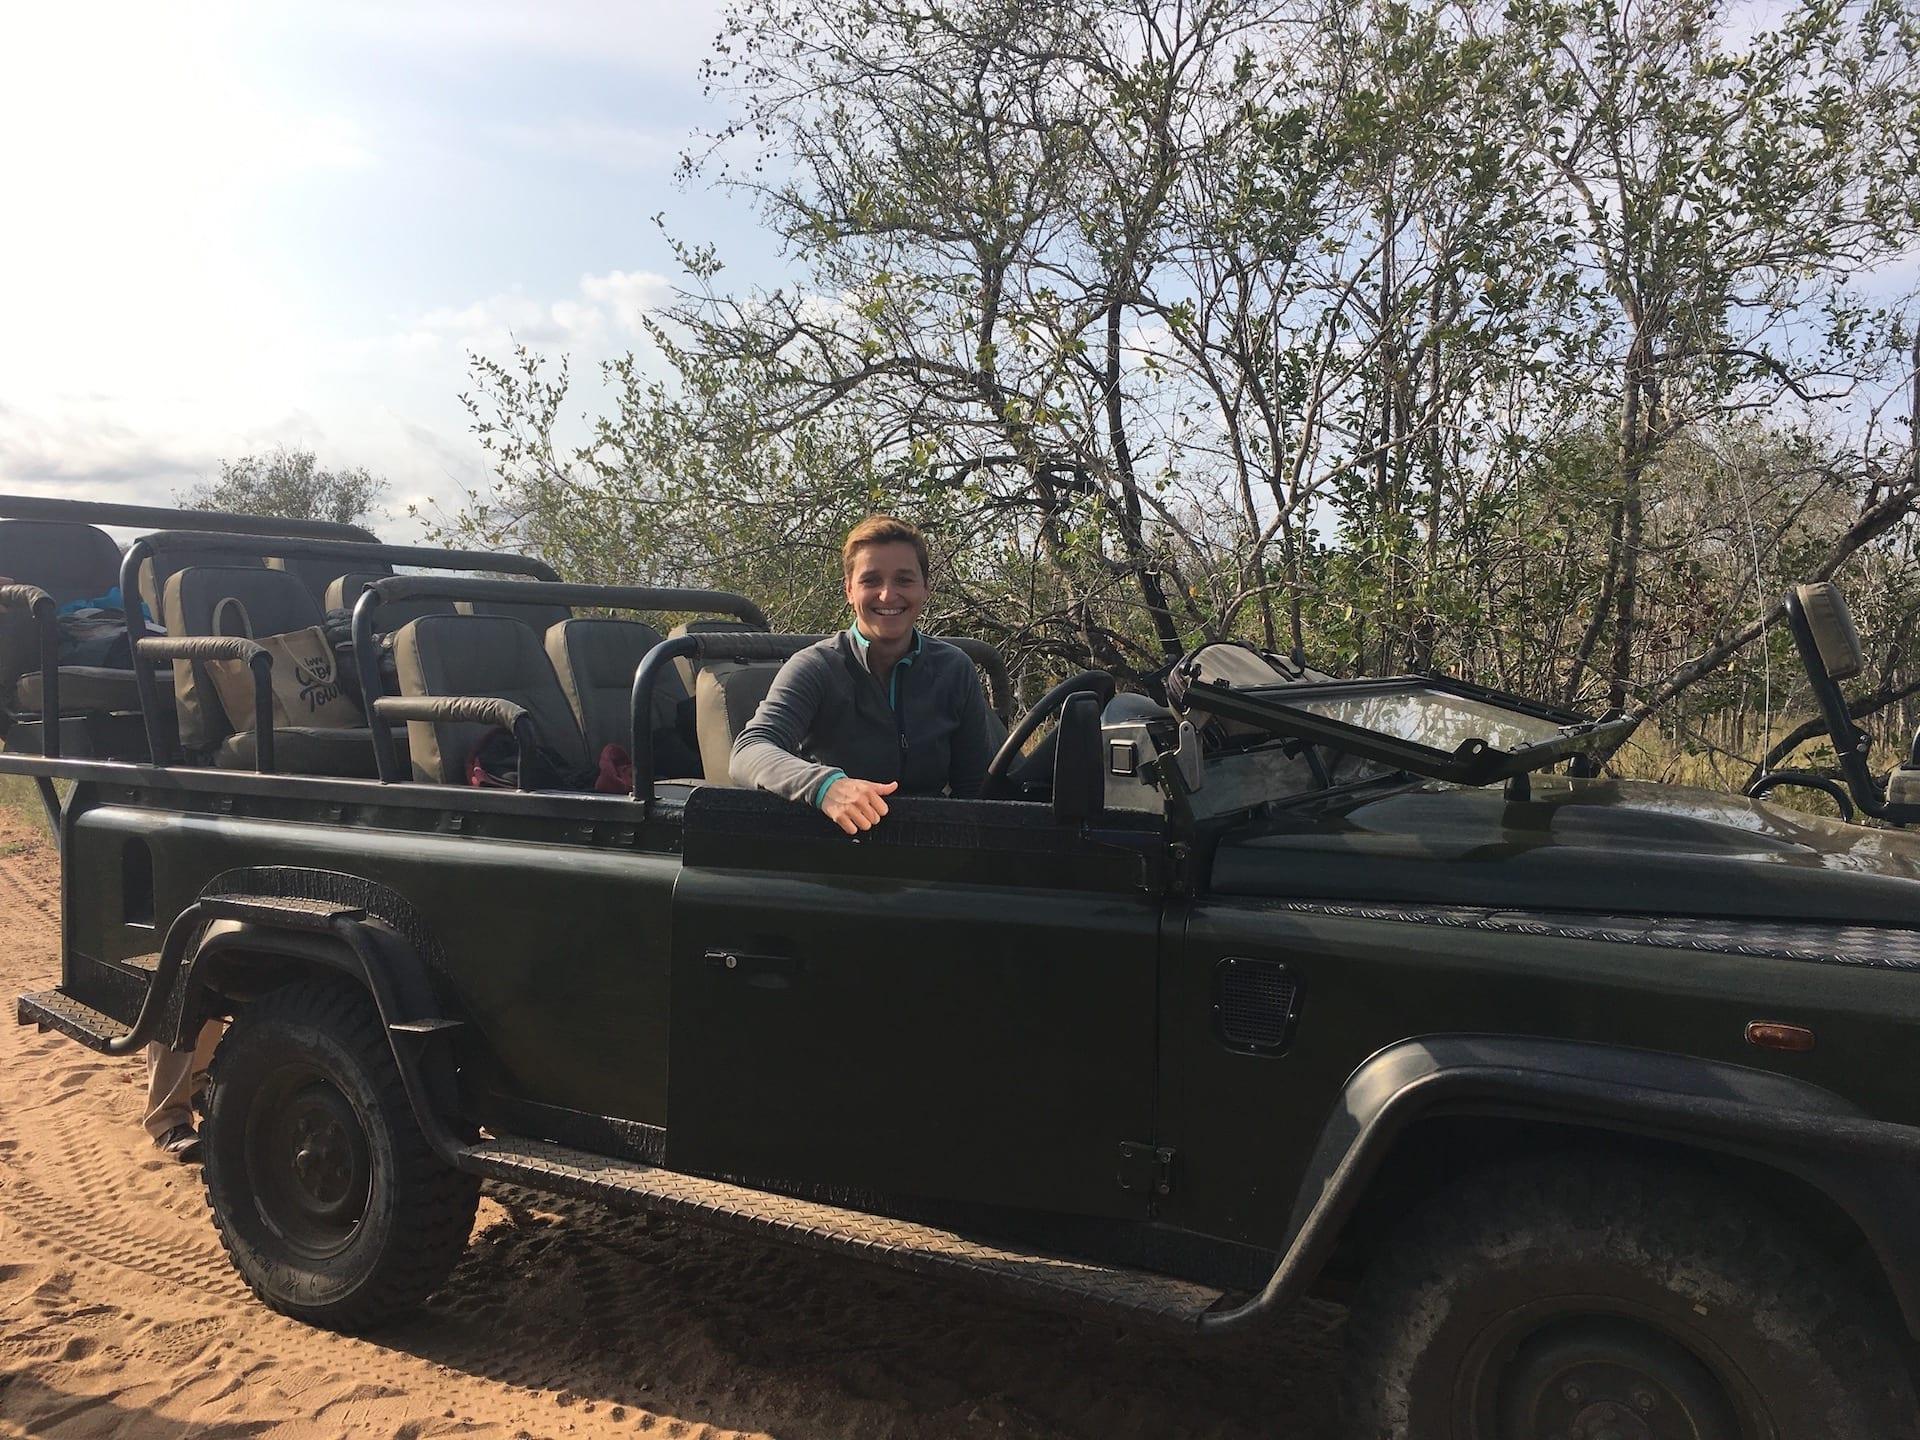 # ZA 19 - Safari voertuig - ZA - 2017 - IMG_5615